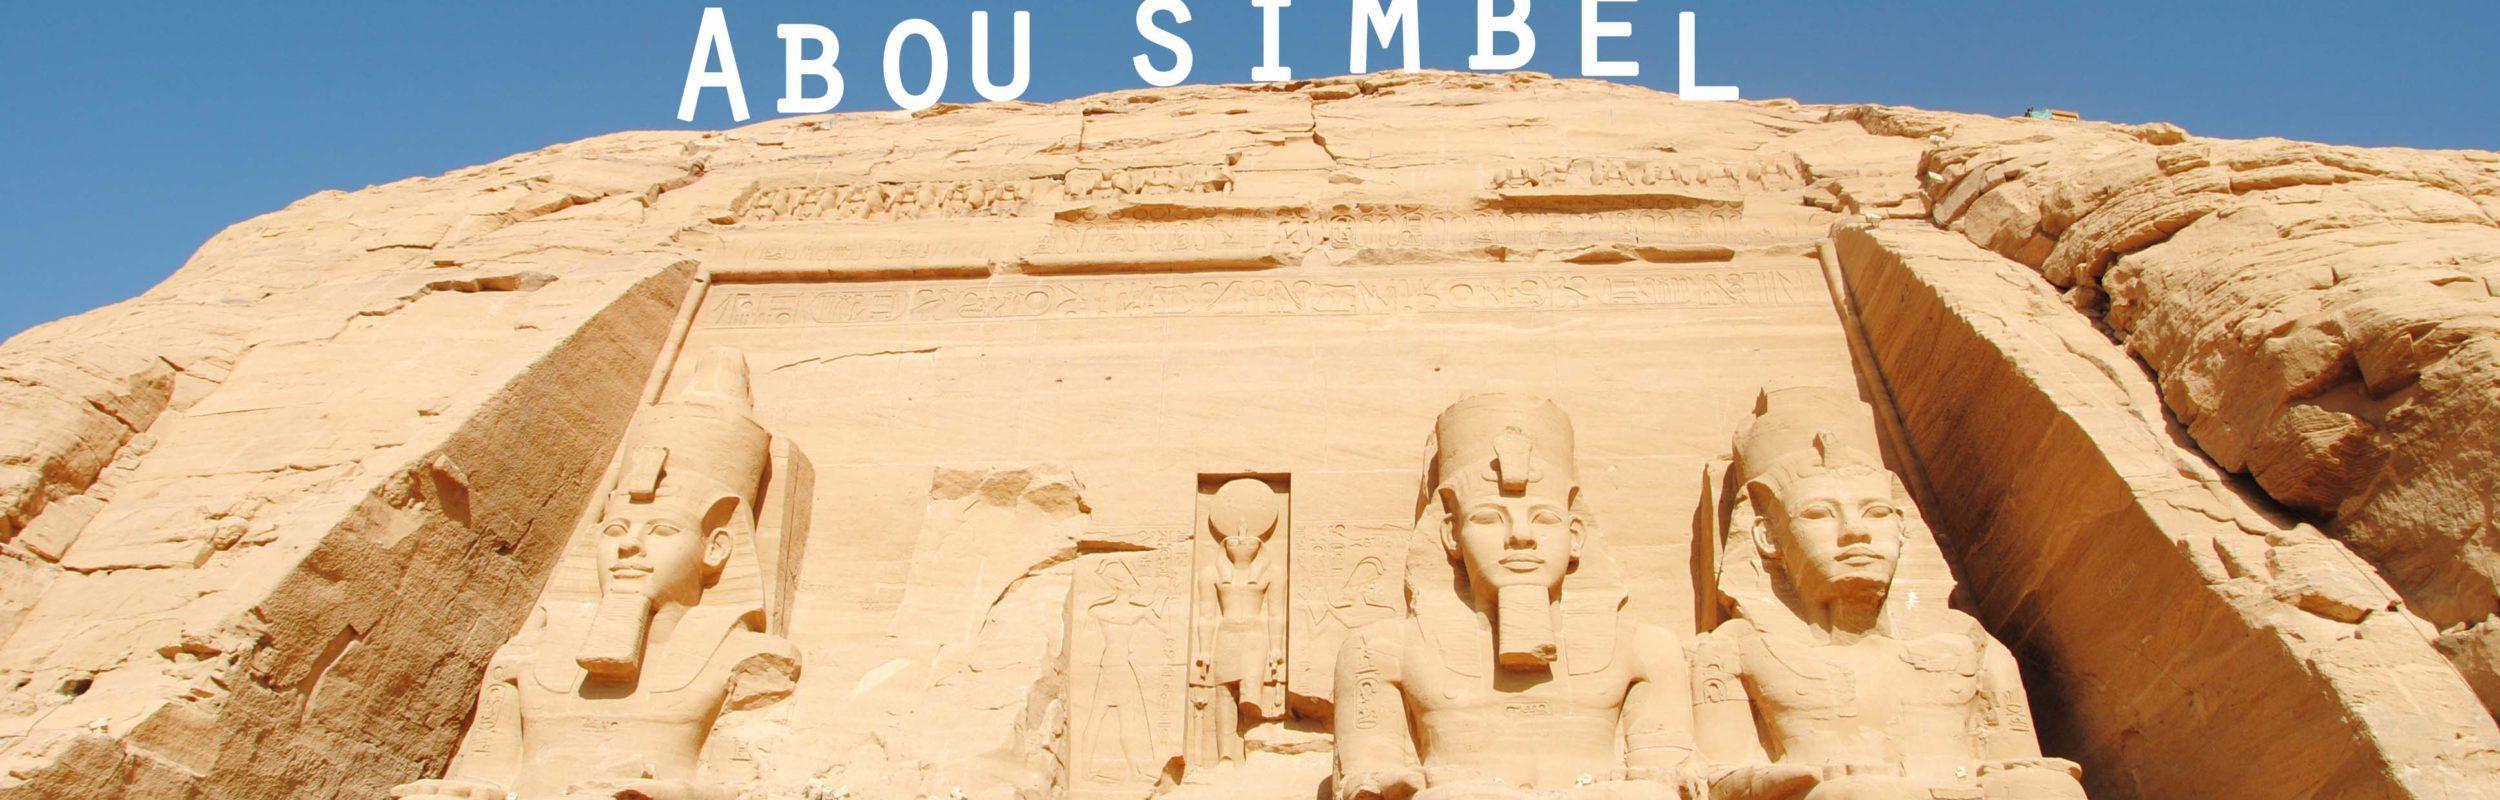 Egypte : Assouan et excursion à Abou Simbel